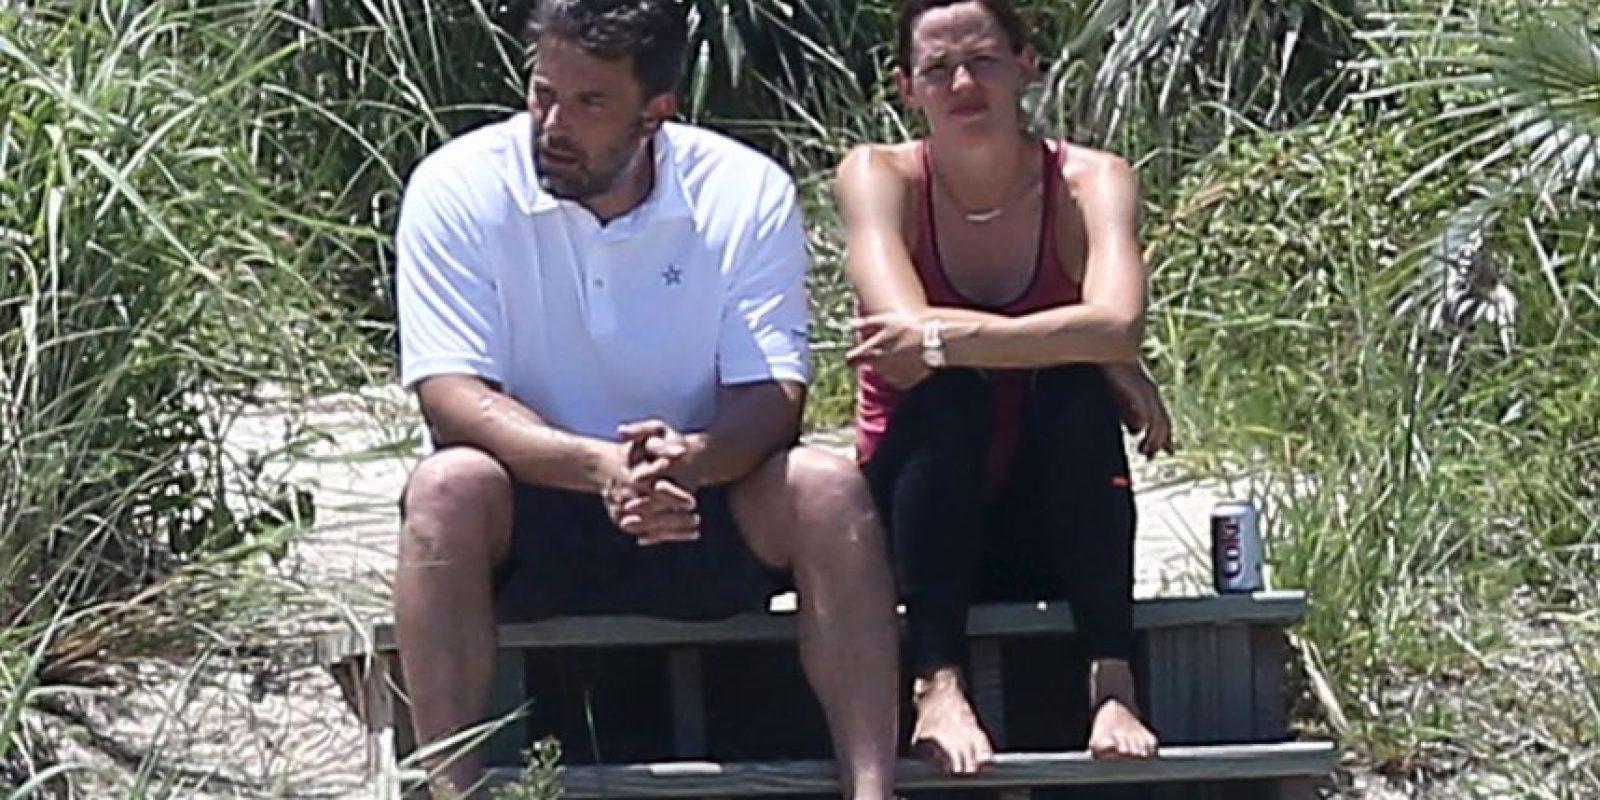 Hace un mes Ben Affleck y Jennifer Garner, una de las parejas más unidas de Hollywood, anunciaron su separación Foto:Grosby Group